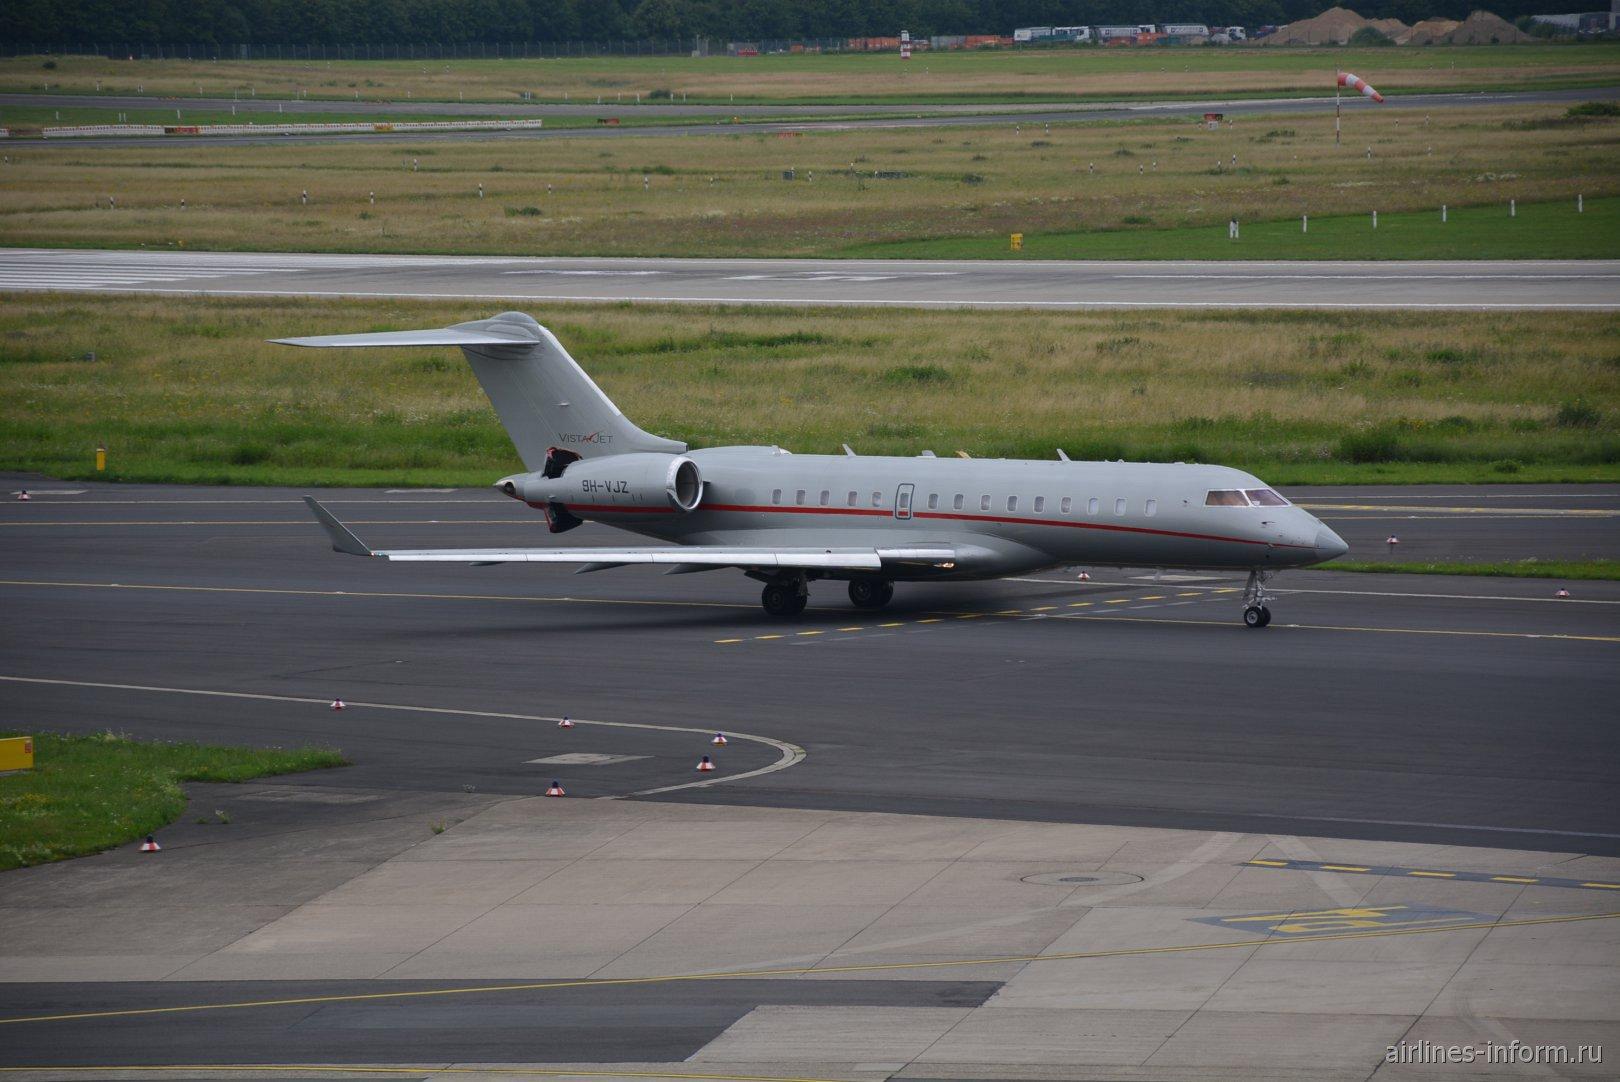 Самолет Bombardier Global Express авиакомпании VistaJet в аэропорту Дюссельдорфа